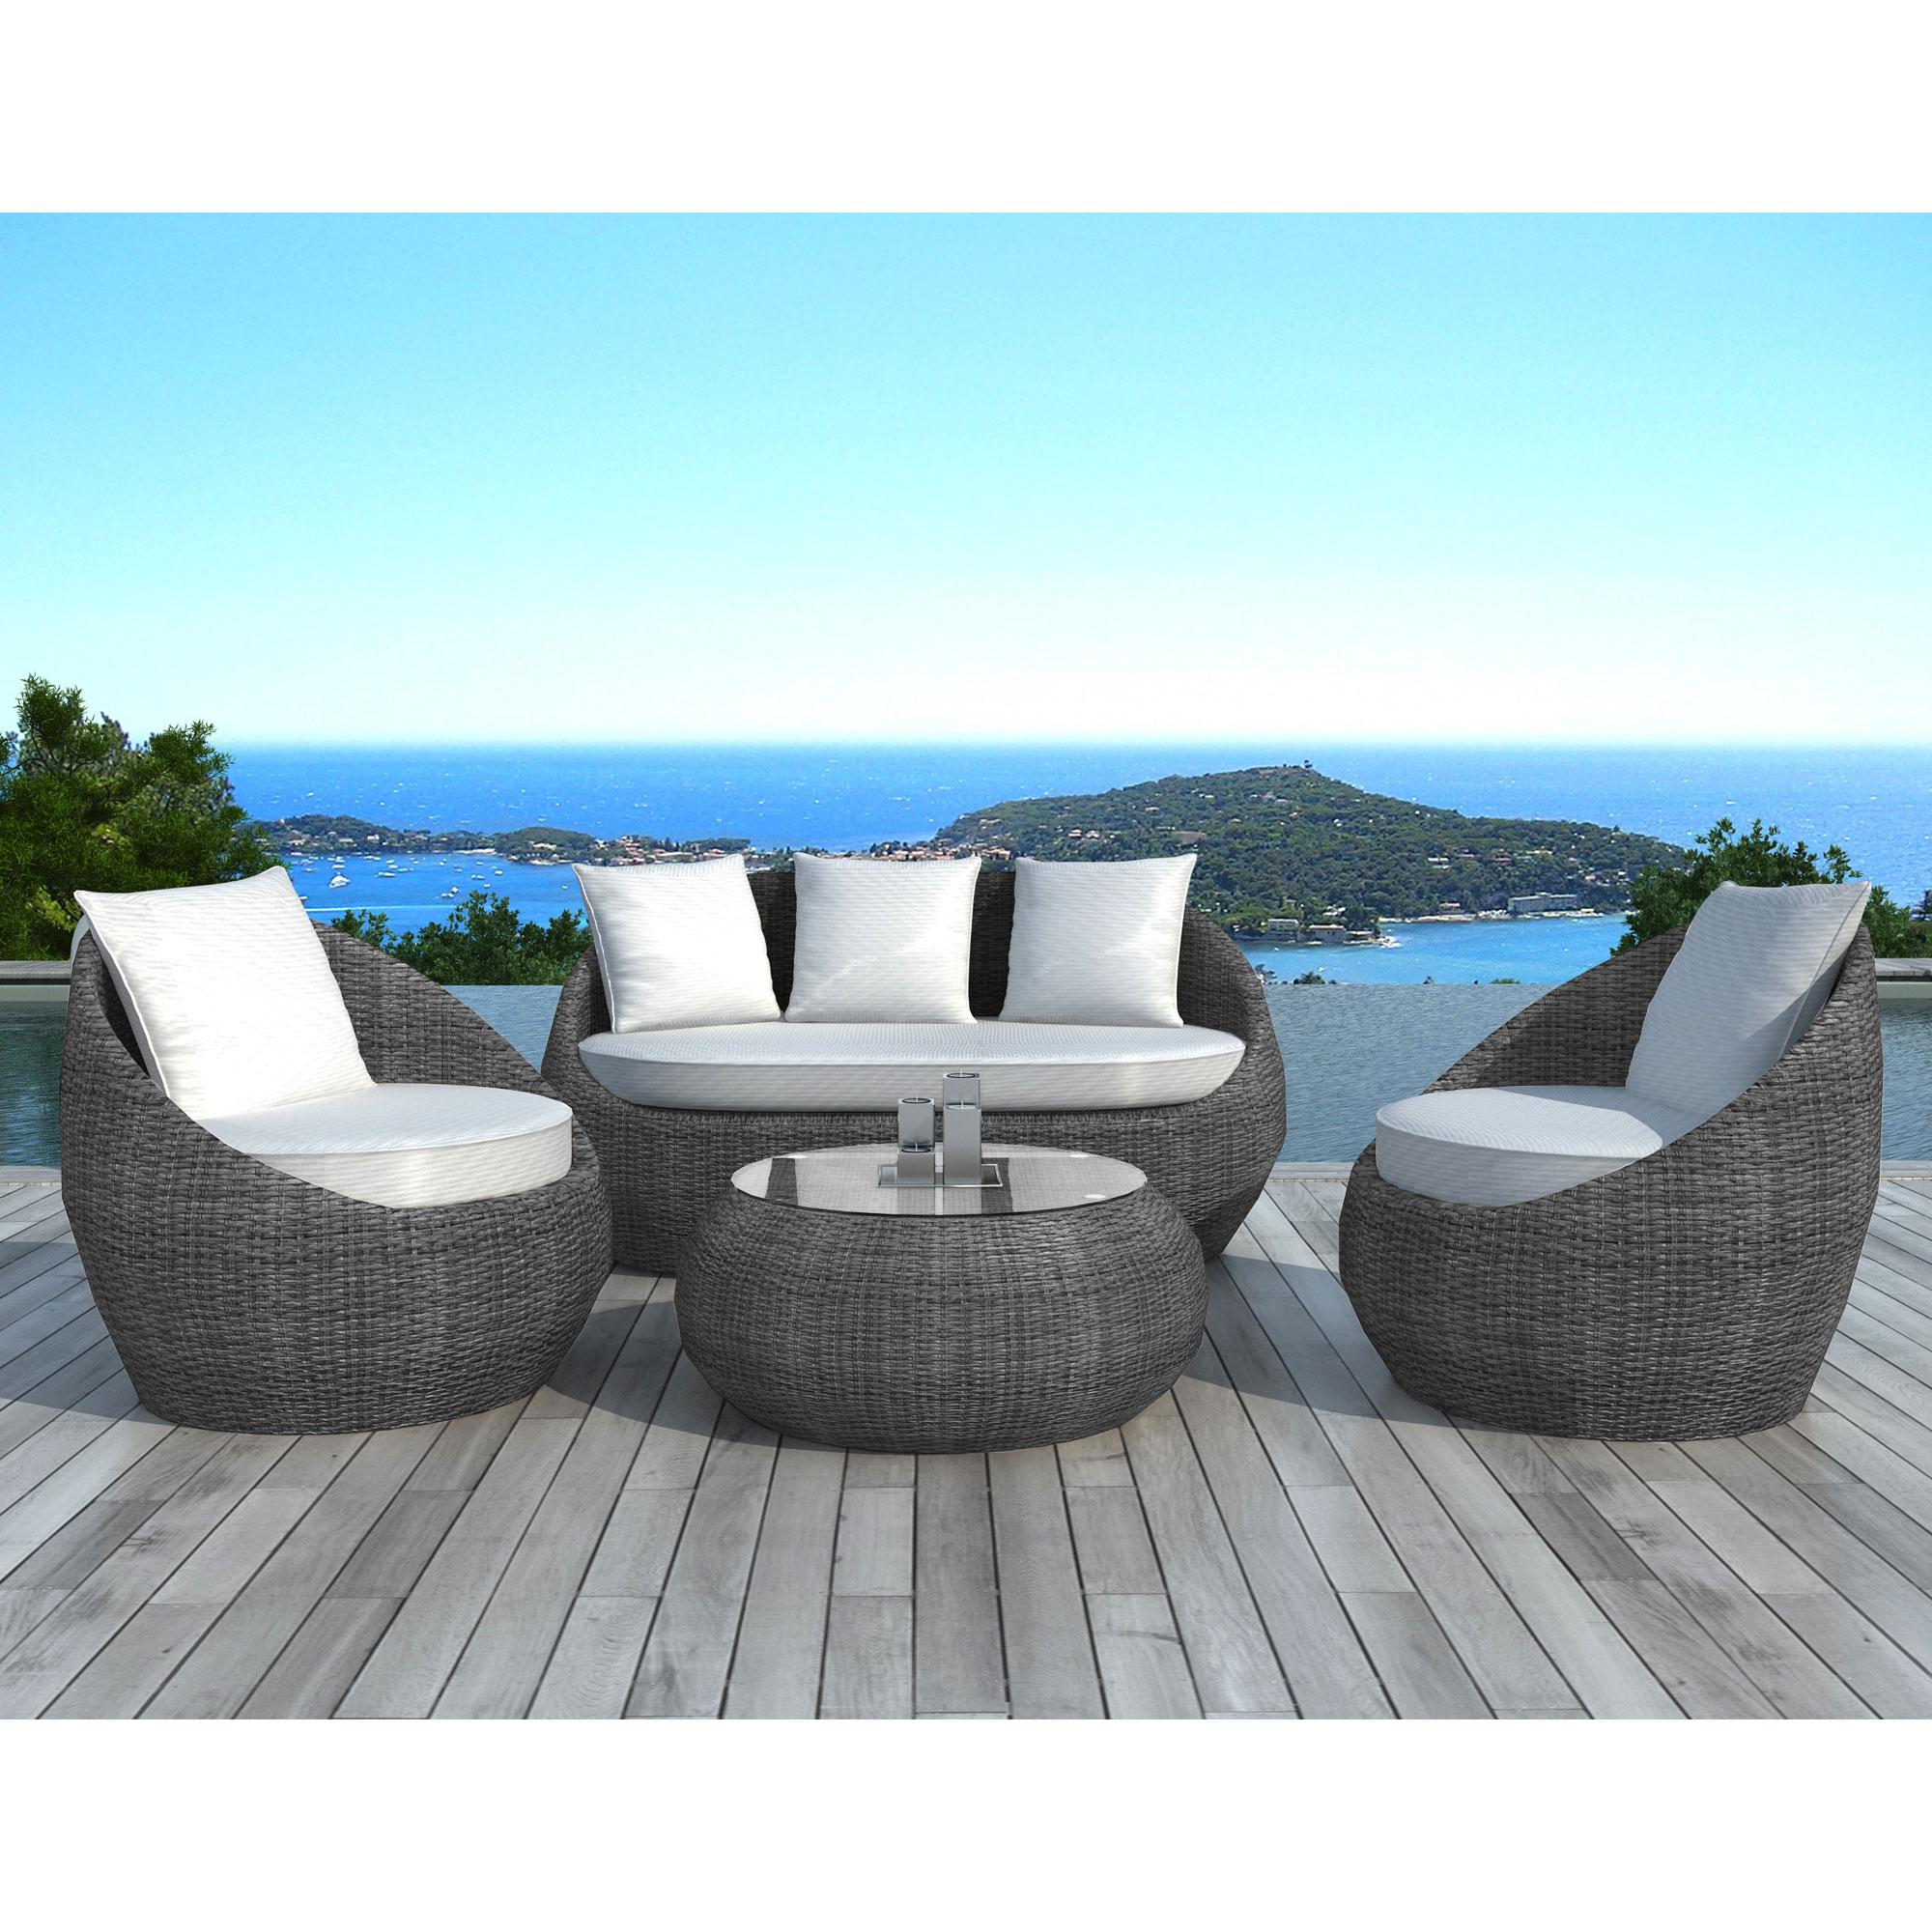 Salon de jardin resine tressee haut de gamme mobilier de jardin et terasse - Salon de jardin haut de gamme resine tressee ...